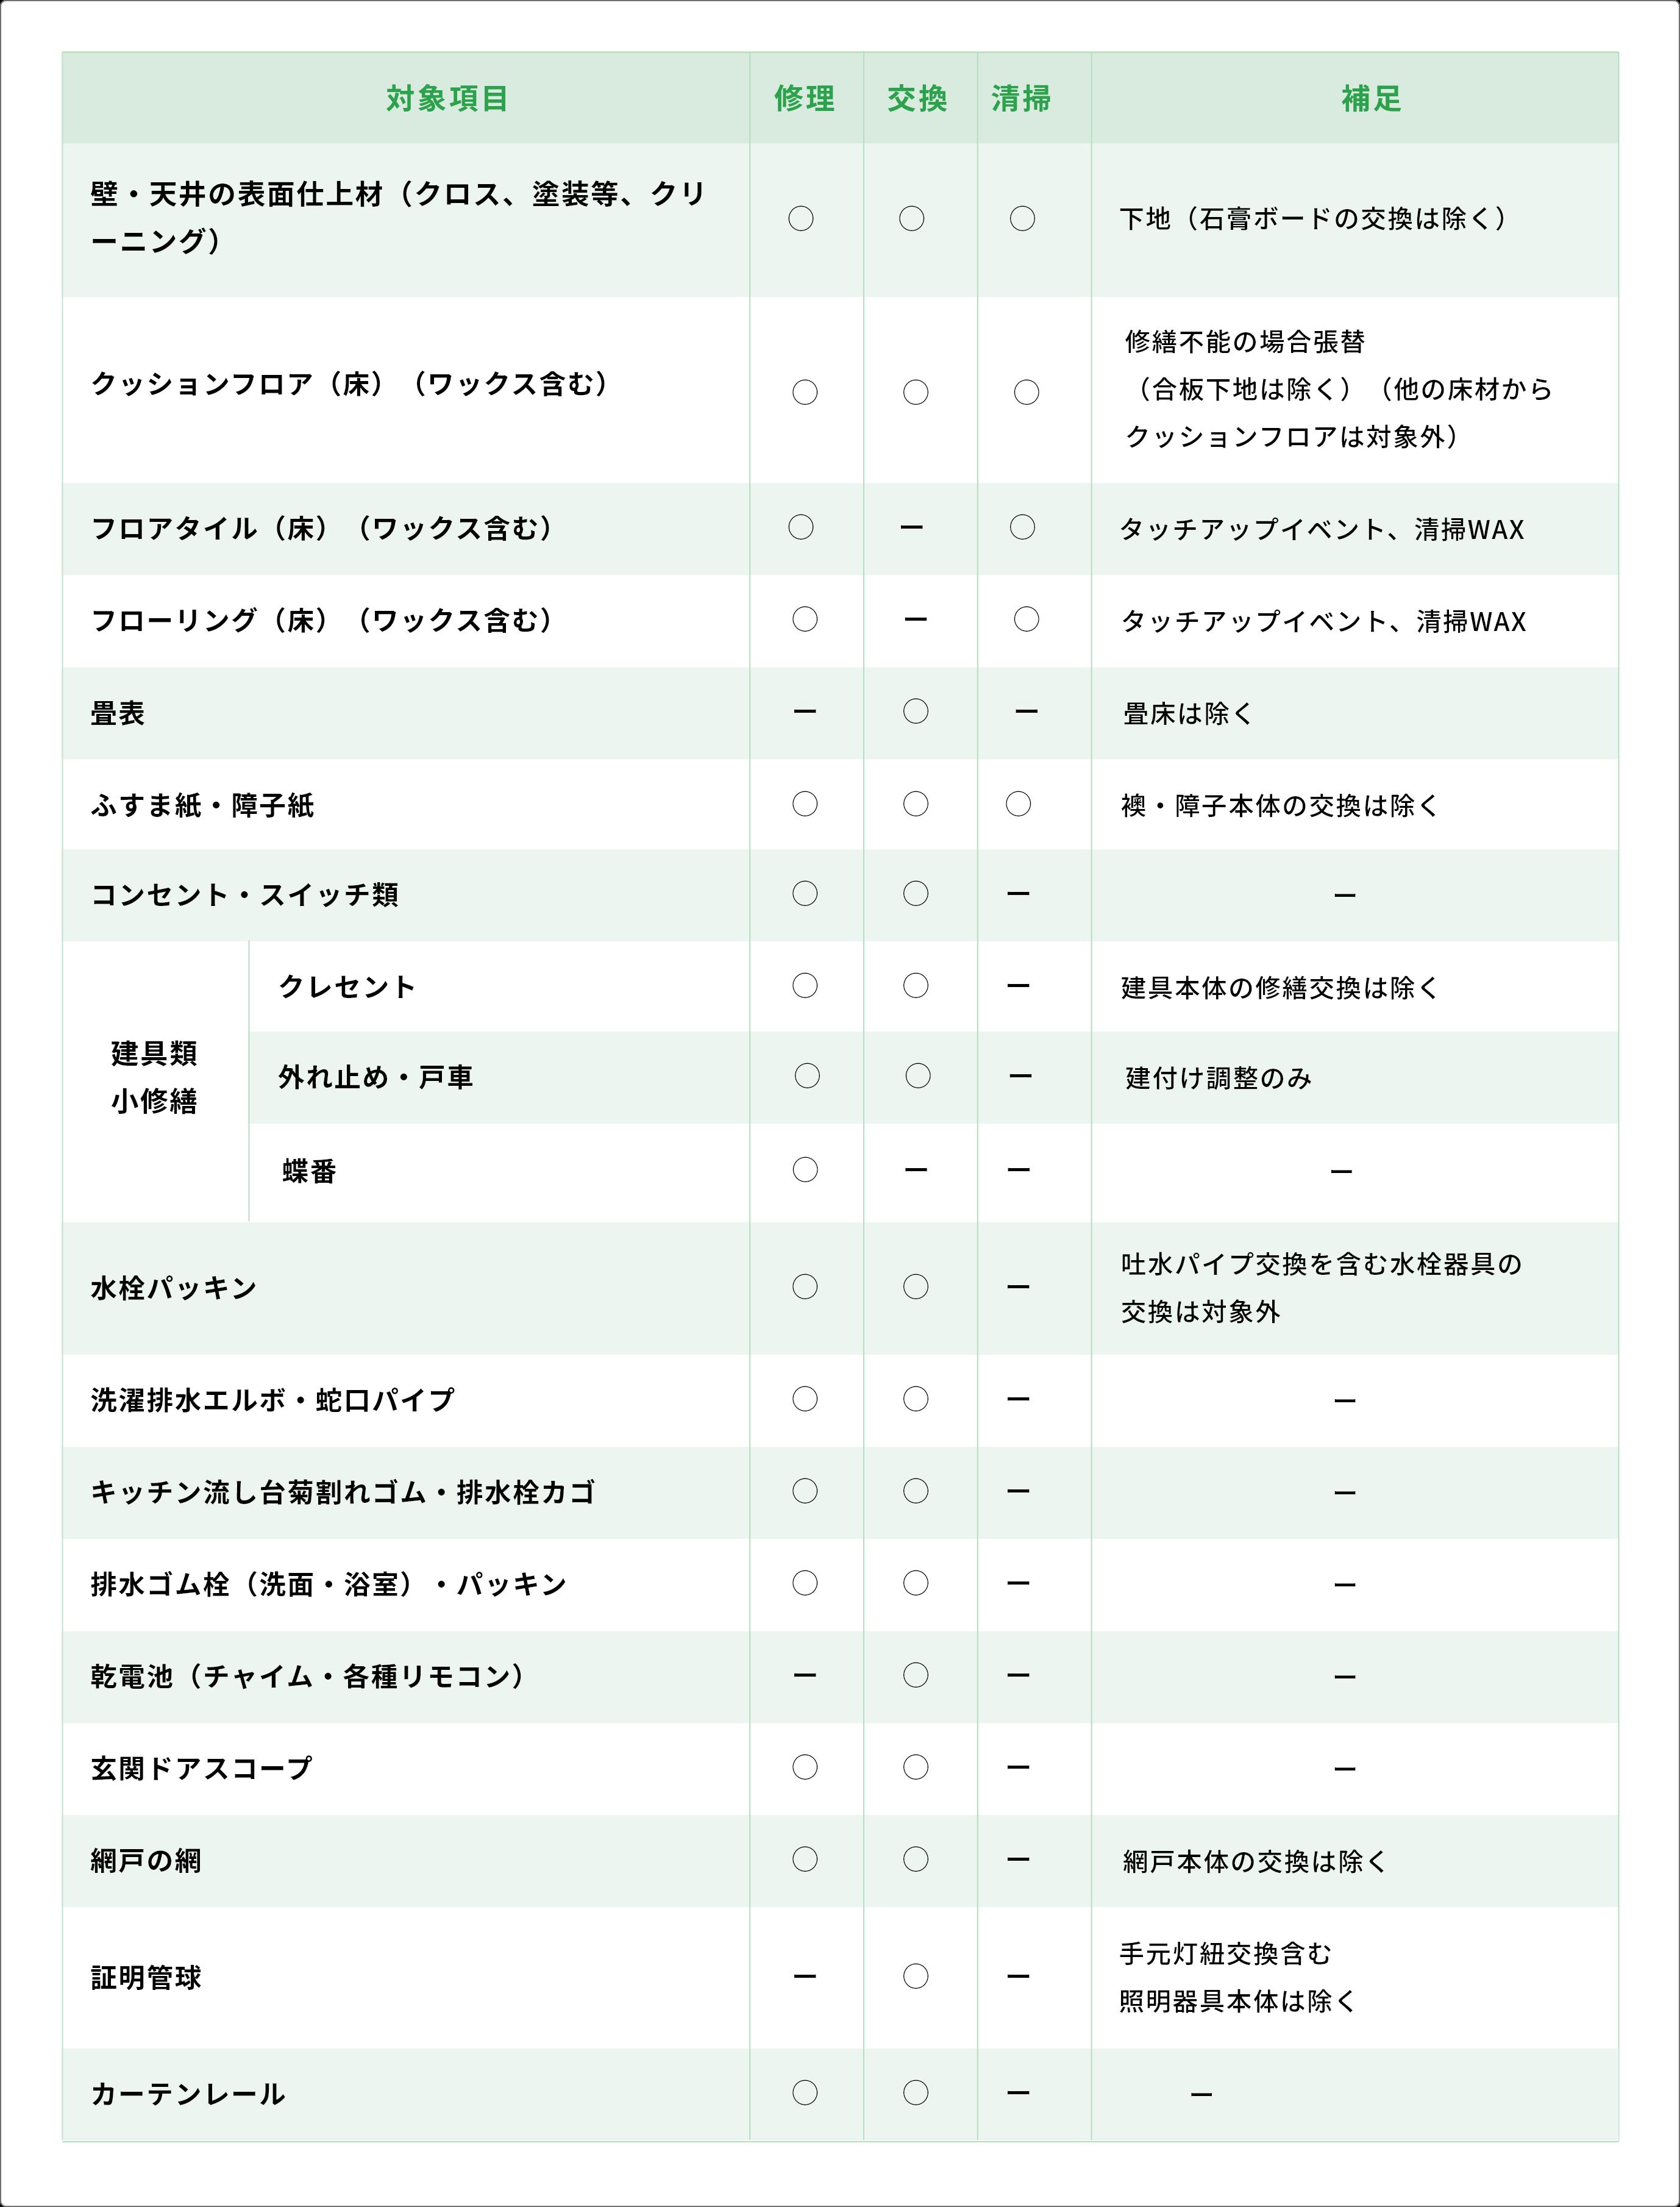 保証対象19項目一覧